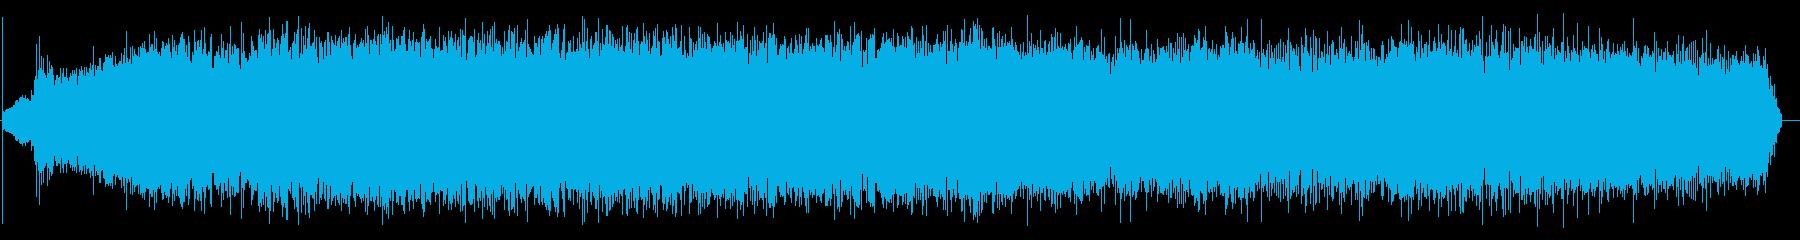 パワーハムタイトモーターランファク...の再生済みの波形